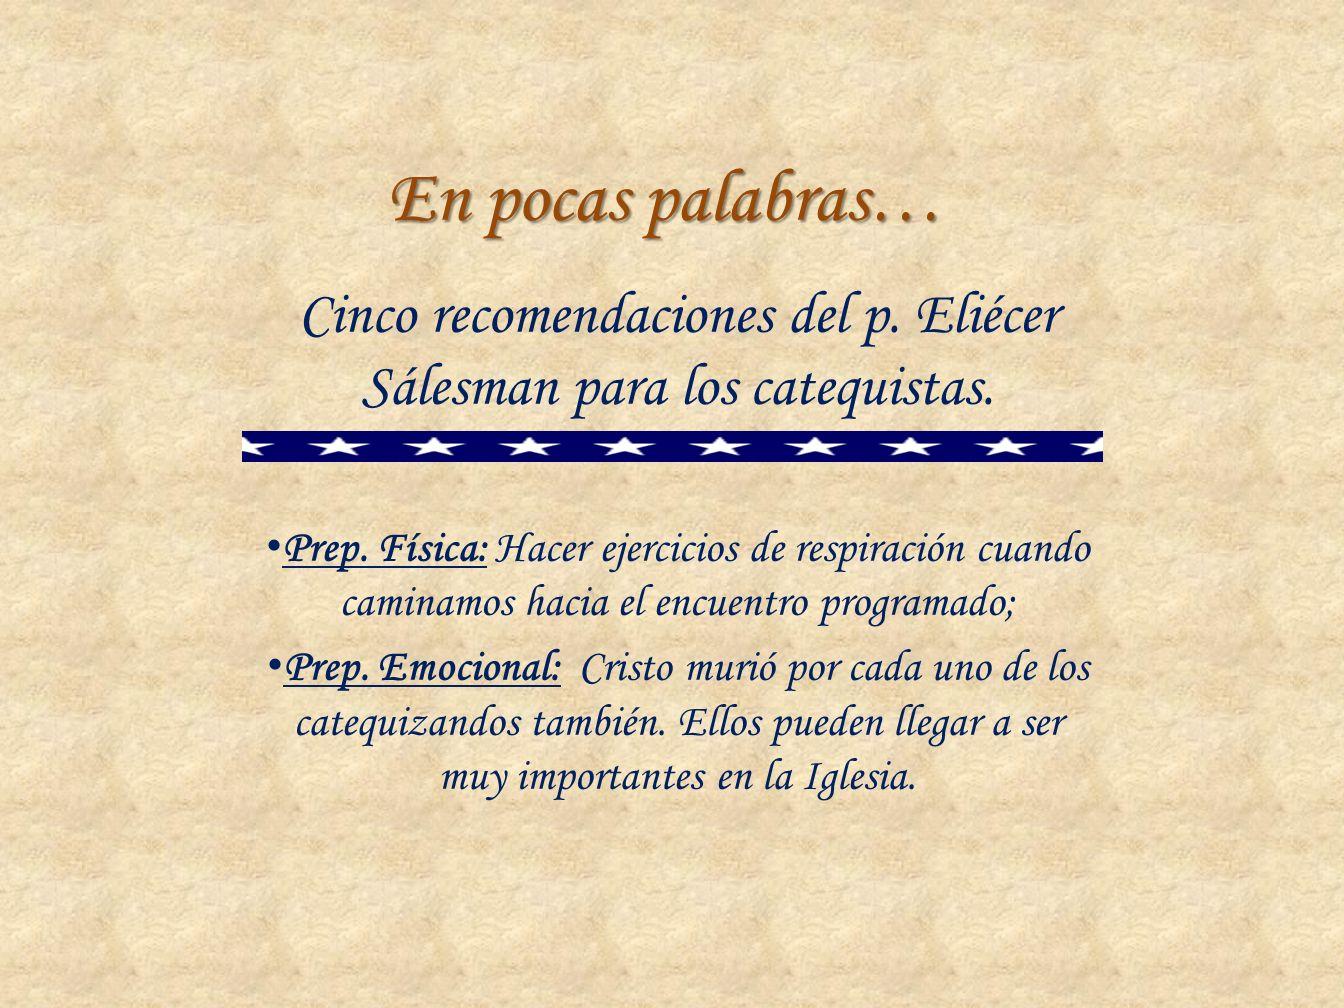 En pocas palabras… Cinco recomendaciones del p. Eliécer Sálesman para los catequistas. Prep. Física: Hacer ejercicios de respiración cuando caminamos